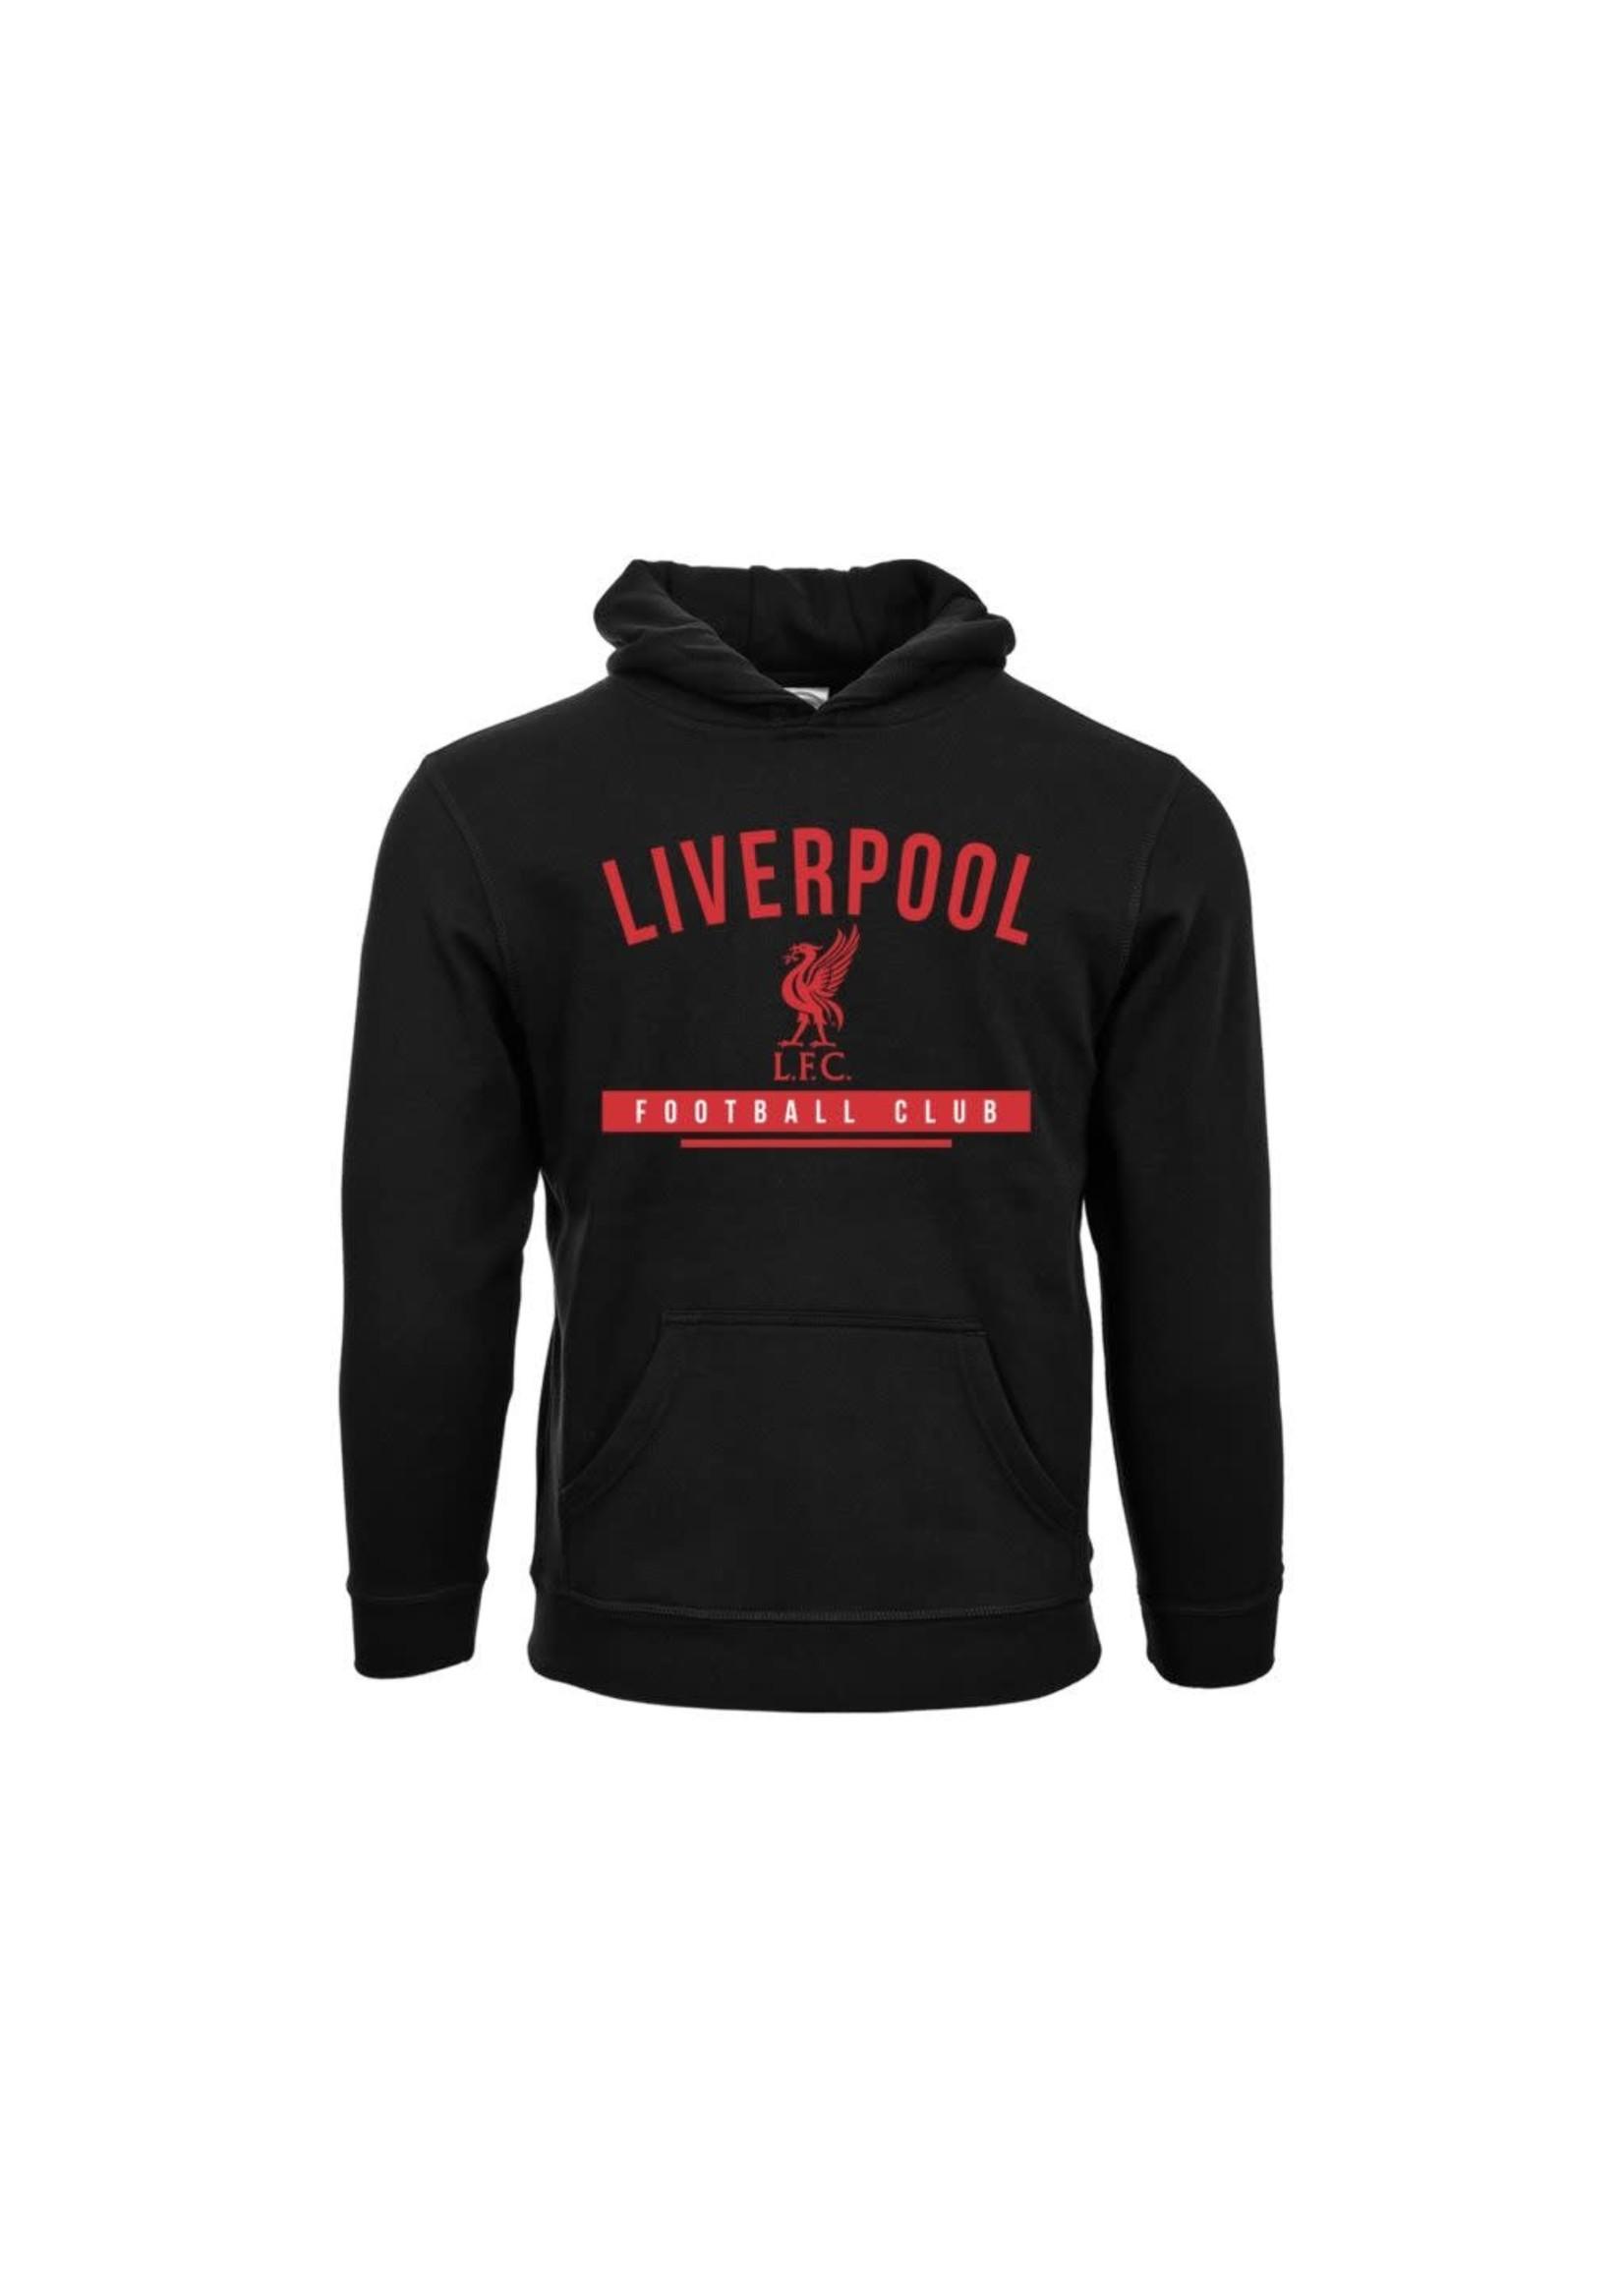 Liverpool Hoodie - Black/Red